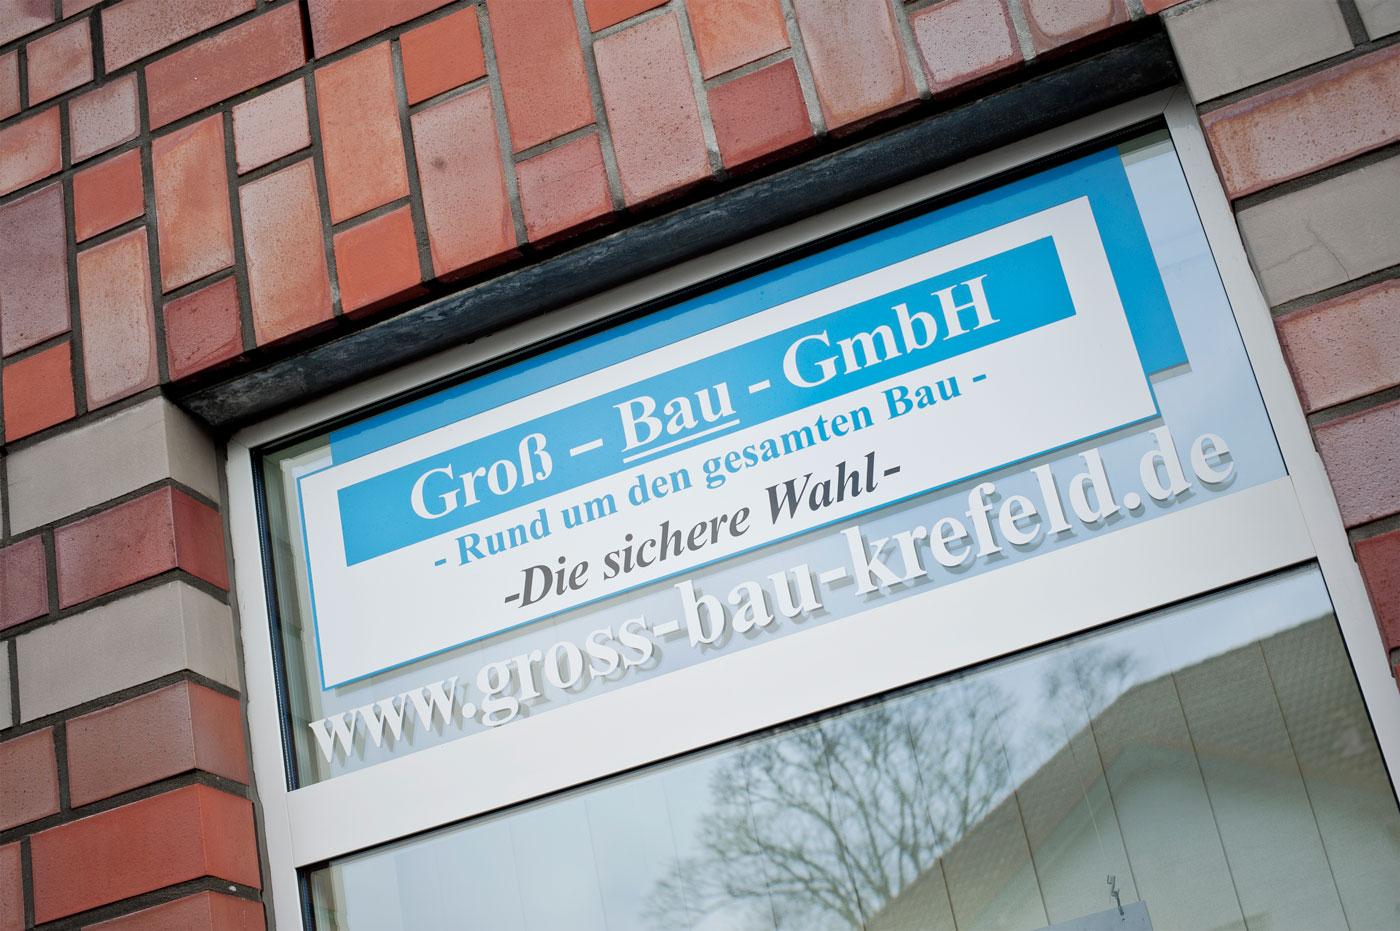 Vom Hörsaal auf die Baustelle: Groß-Bau-GmbH